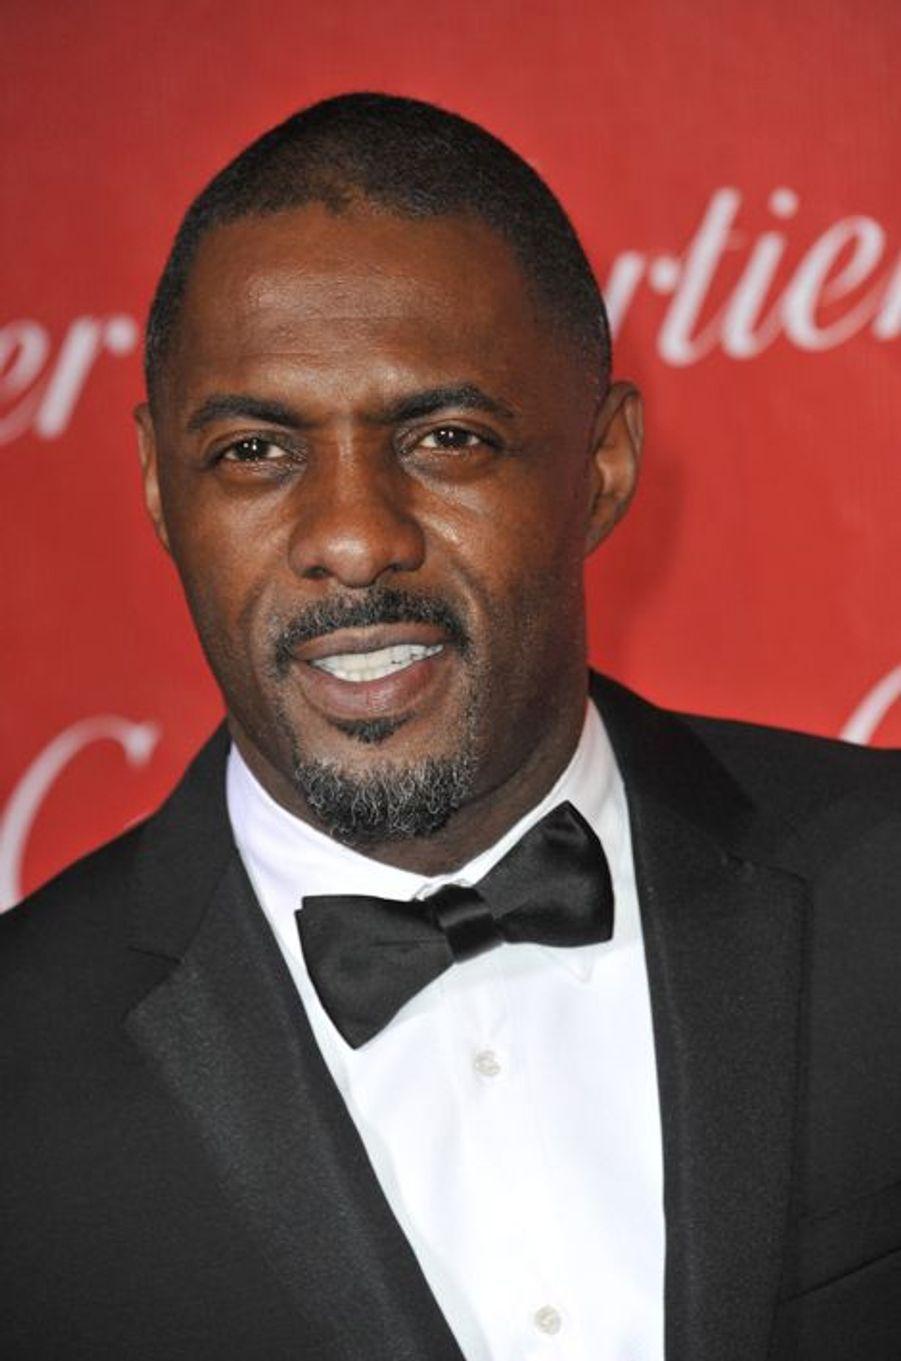 """Après la série """"The Wire"""", c'est au cinéma qu'Idris Elba s'est imposé dans """"Mandela : un long chemin vers la liberté"""""""